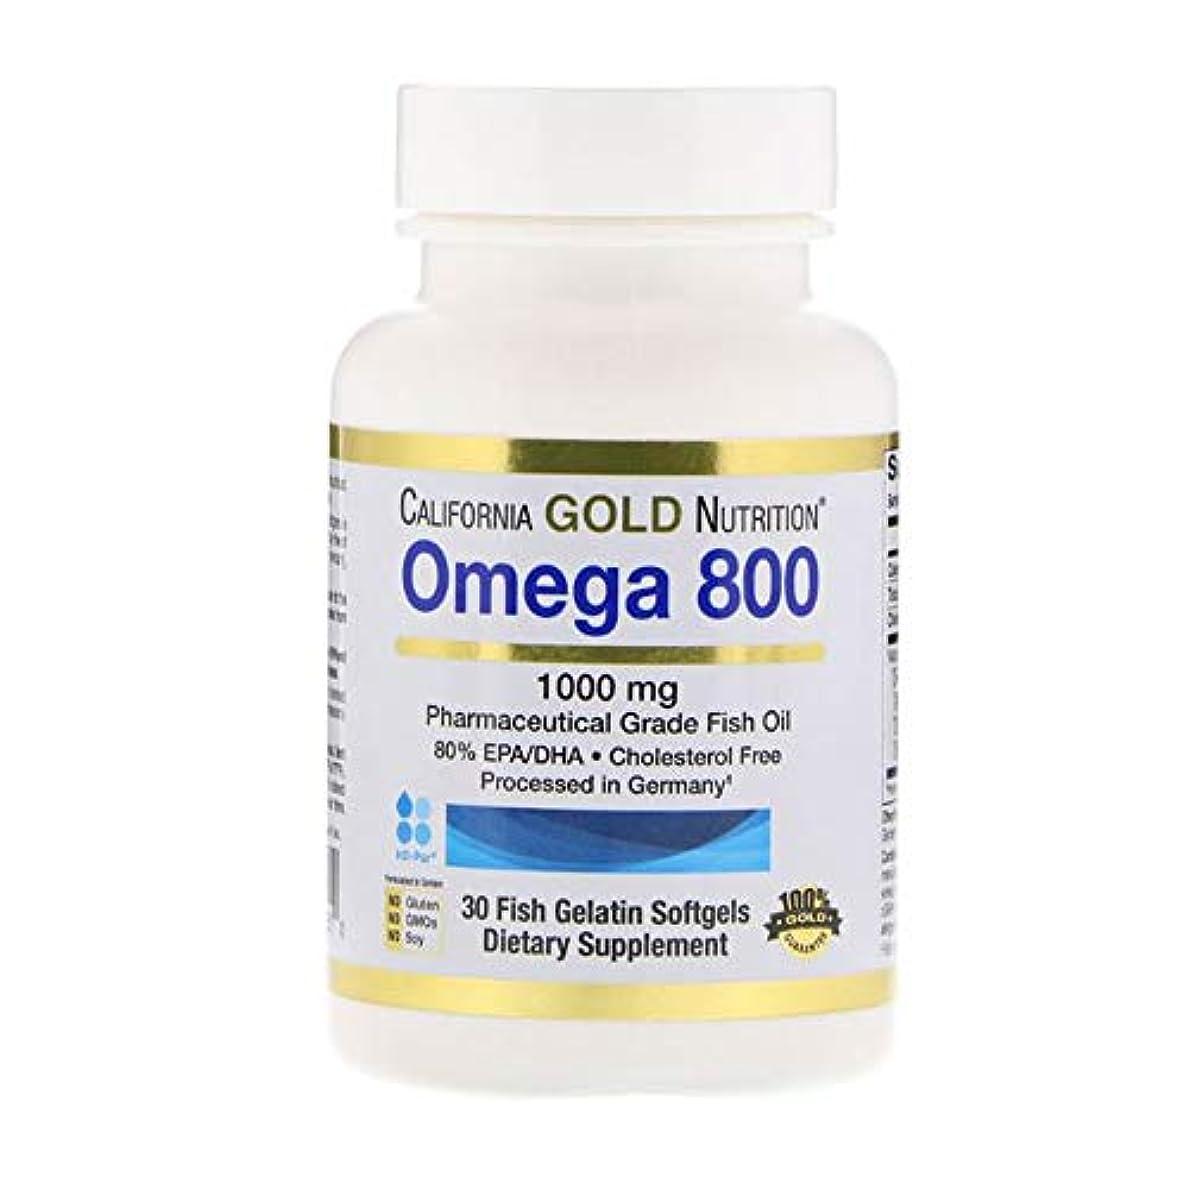 ブラケットトライアスロン修道院California Gold Nutrition オメガ 800 80% EPA DHA 1000mg 30個 【アメリカ直送】